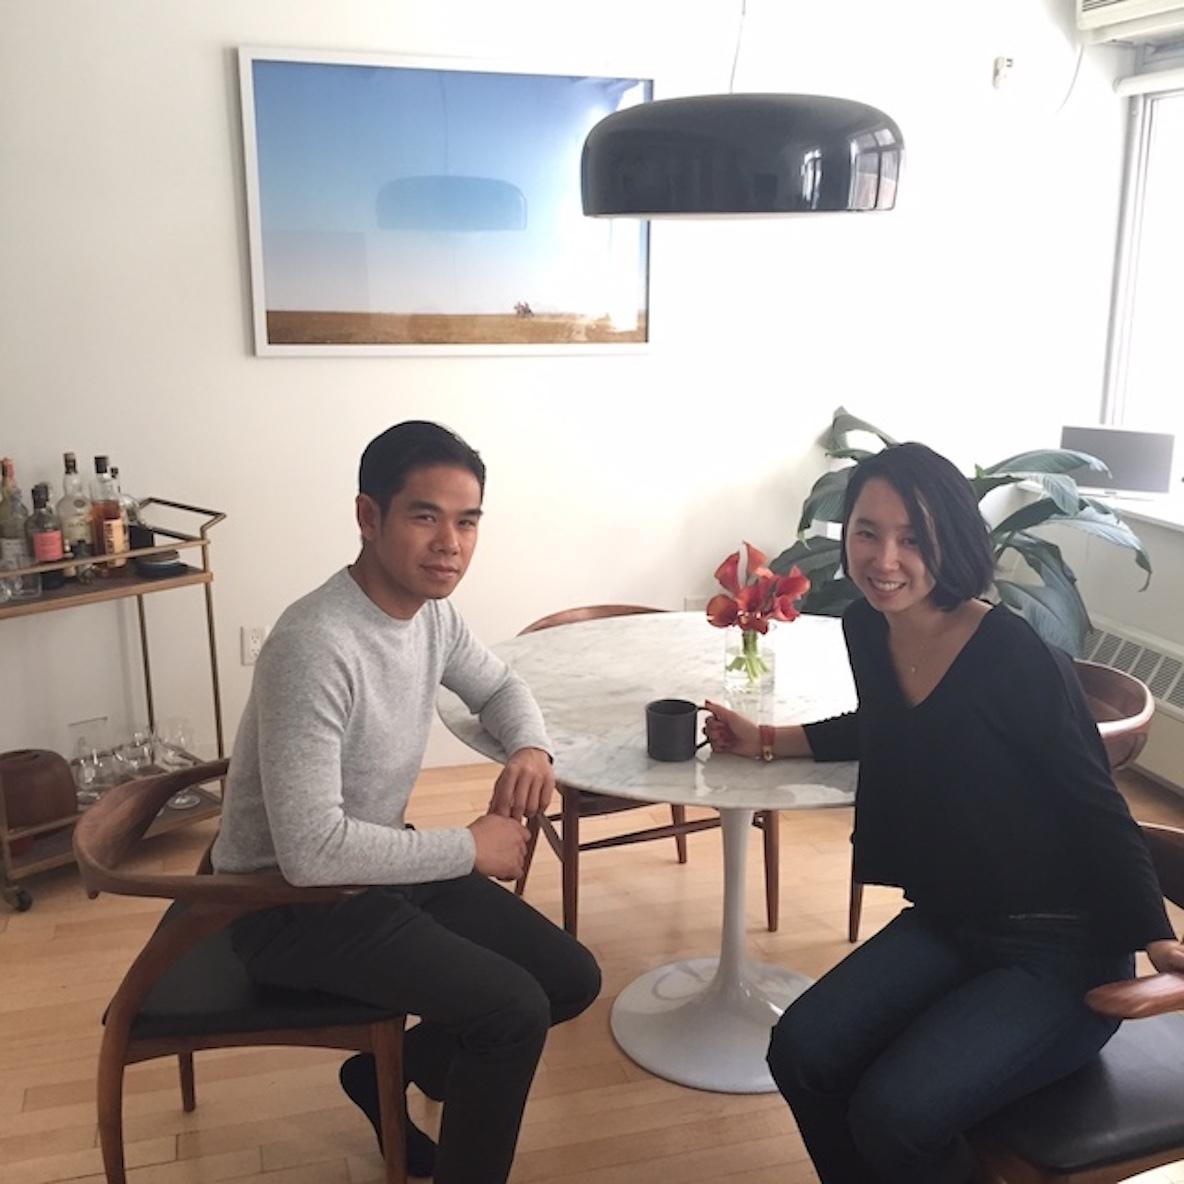 国際結婚カップルのミニマルでフォトジェニックな暮らし(NY・ブルックリン) みんなの部屋